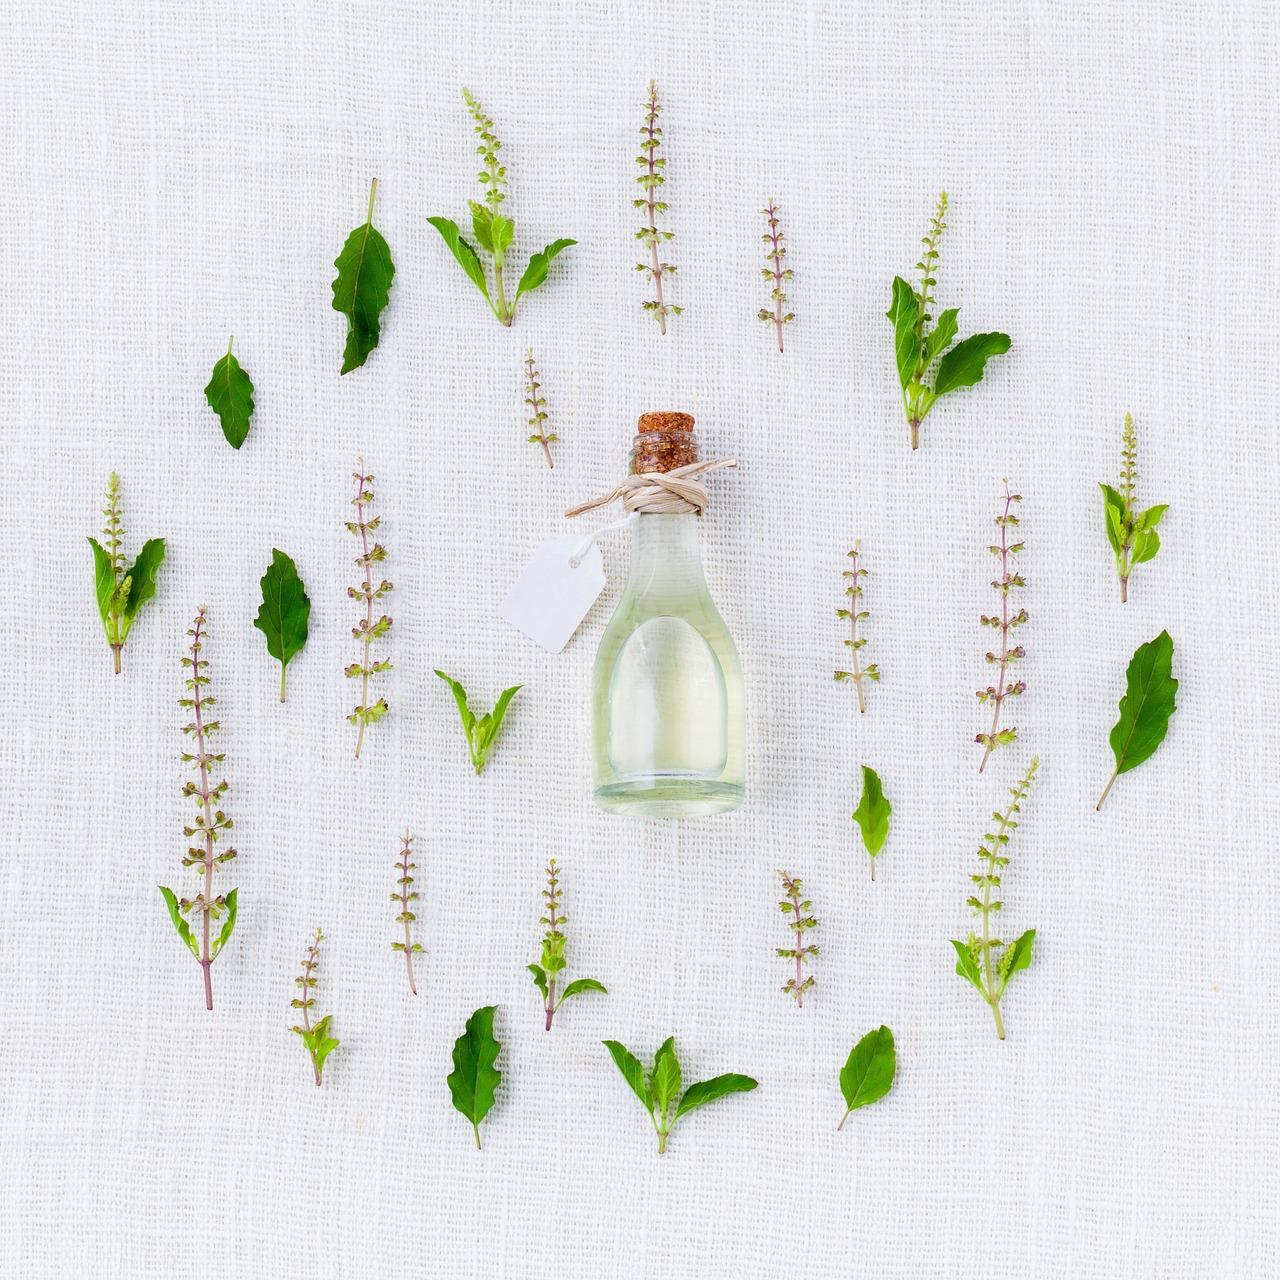 Les huiles végétales et les huiles essentielles